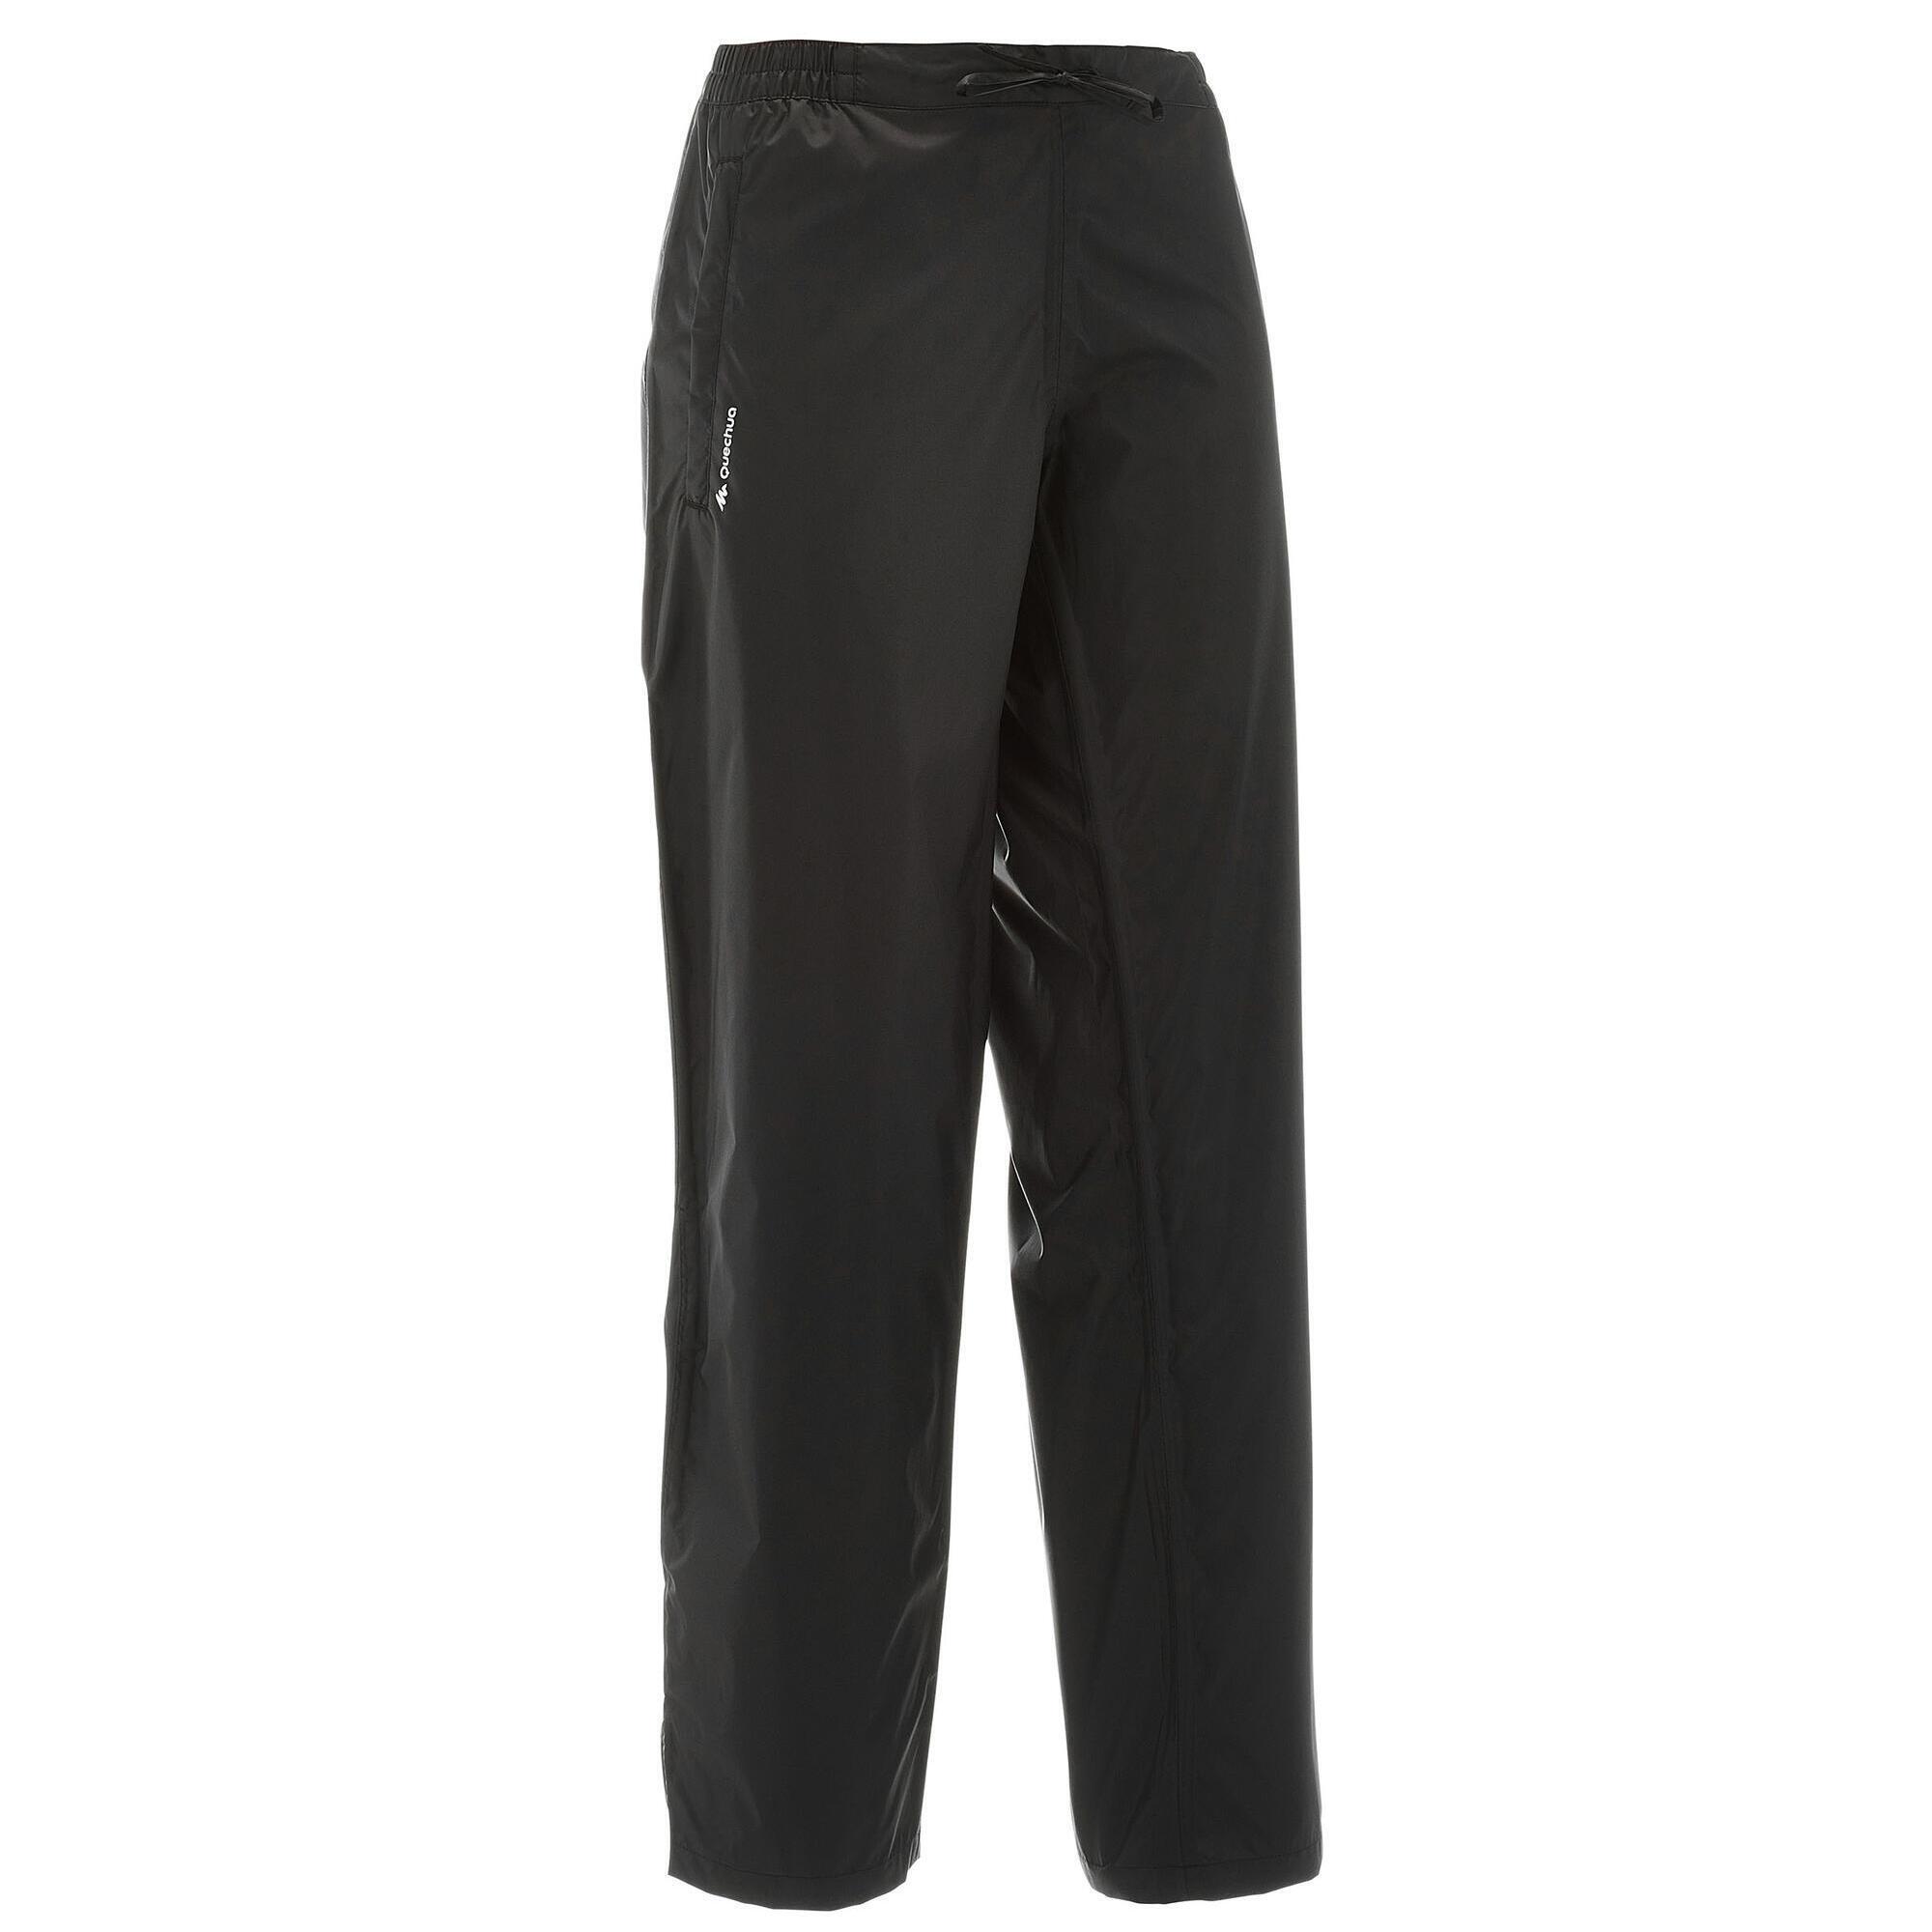 Regenhose NH500 Protect Damen schwarz für Naturwanderungen   Sportbekleidung > Sporthosen > Regenhosen   Quechua